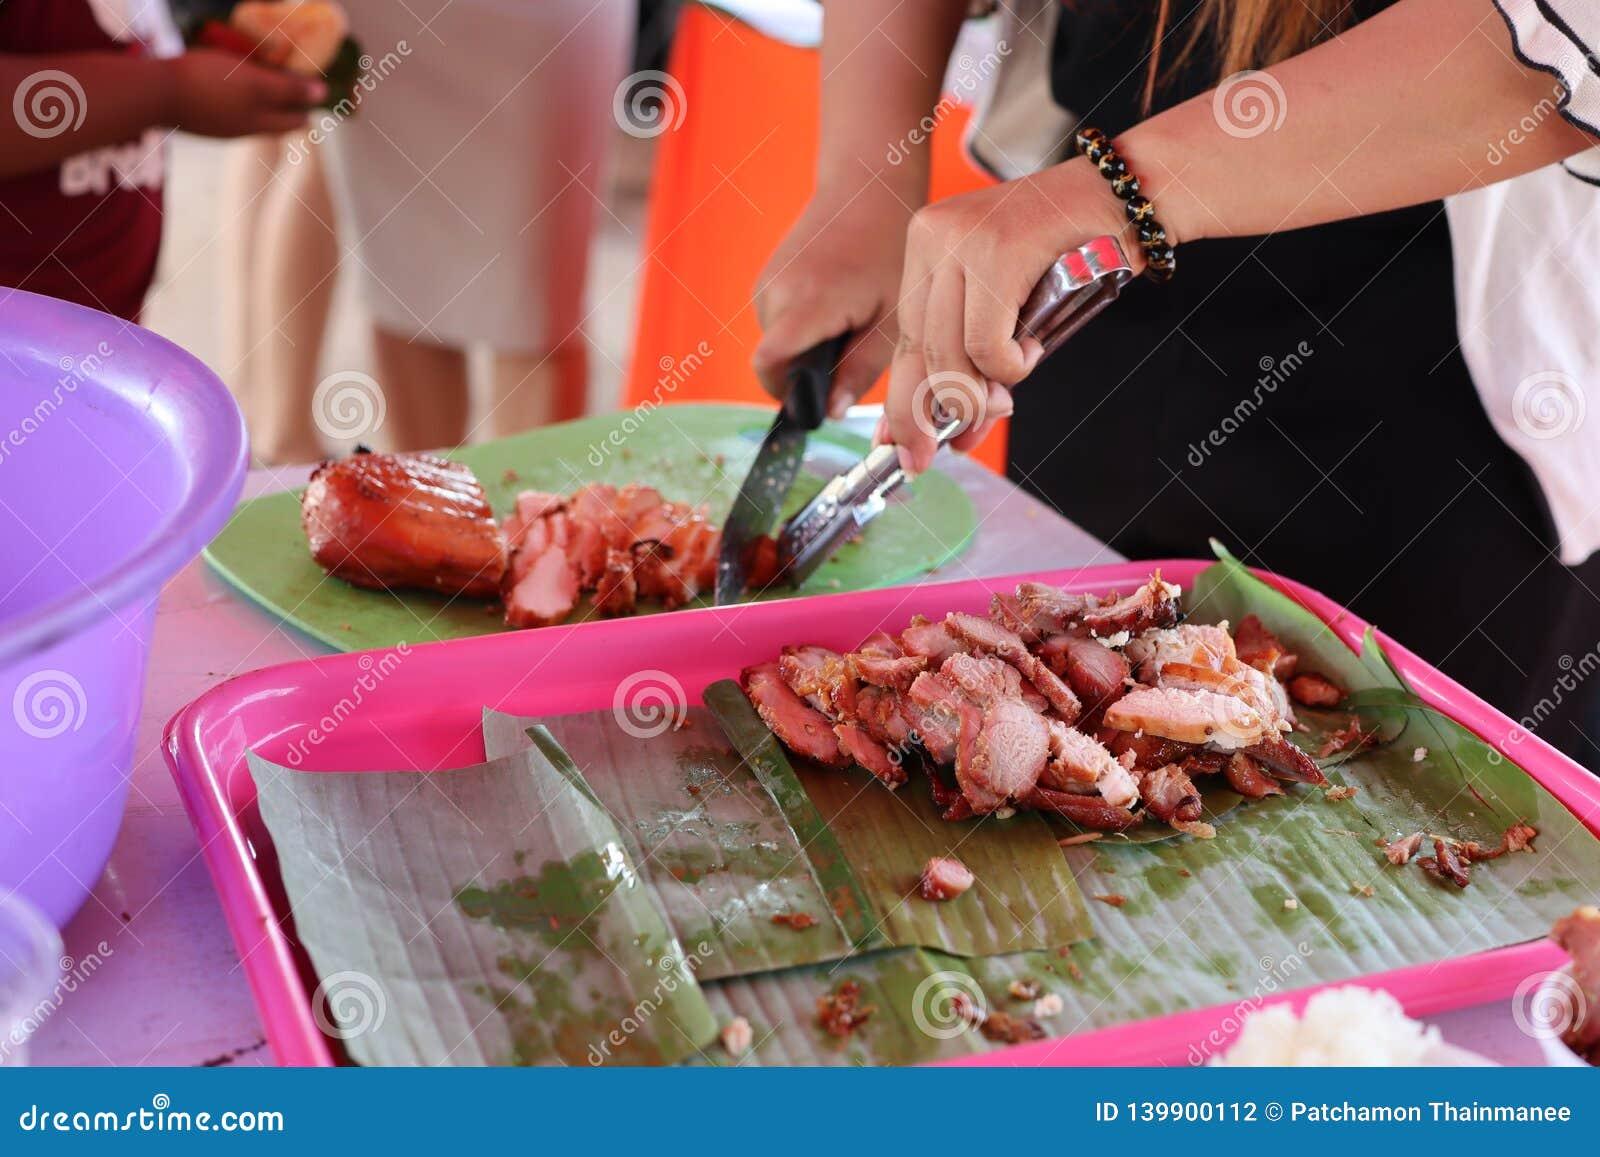 Woman& x27; la mano di s sta utilizzando un coltello tagliente Carne di maiale affettata del ‹del †del ‹del †sul tagliere